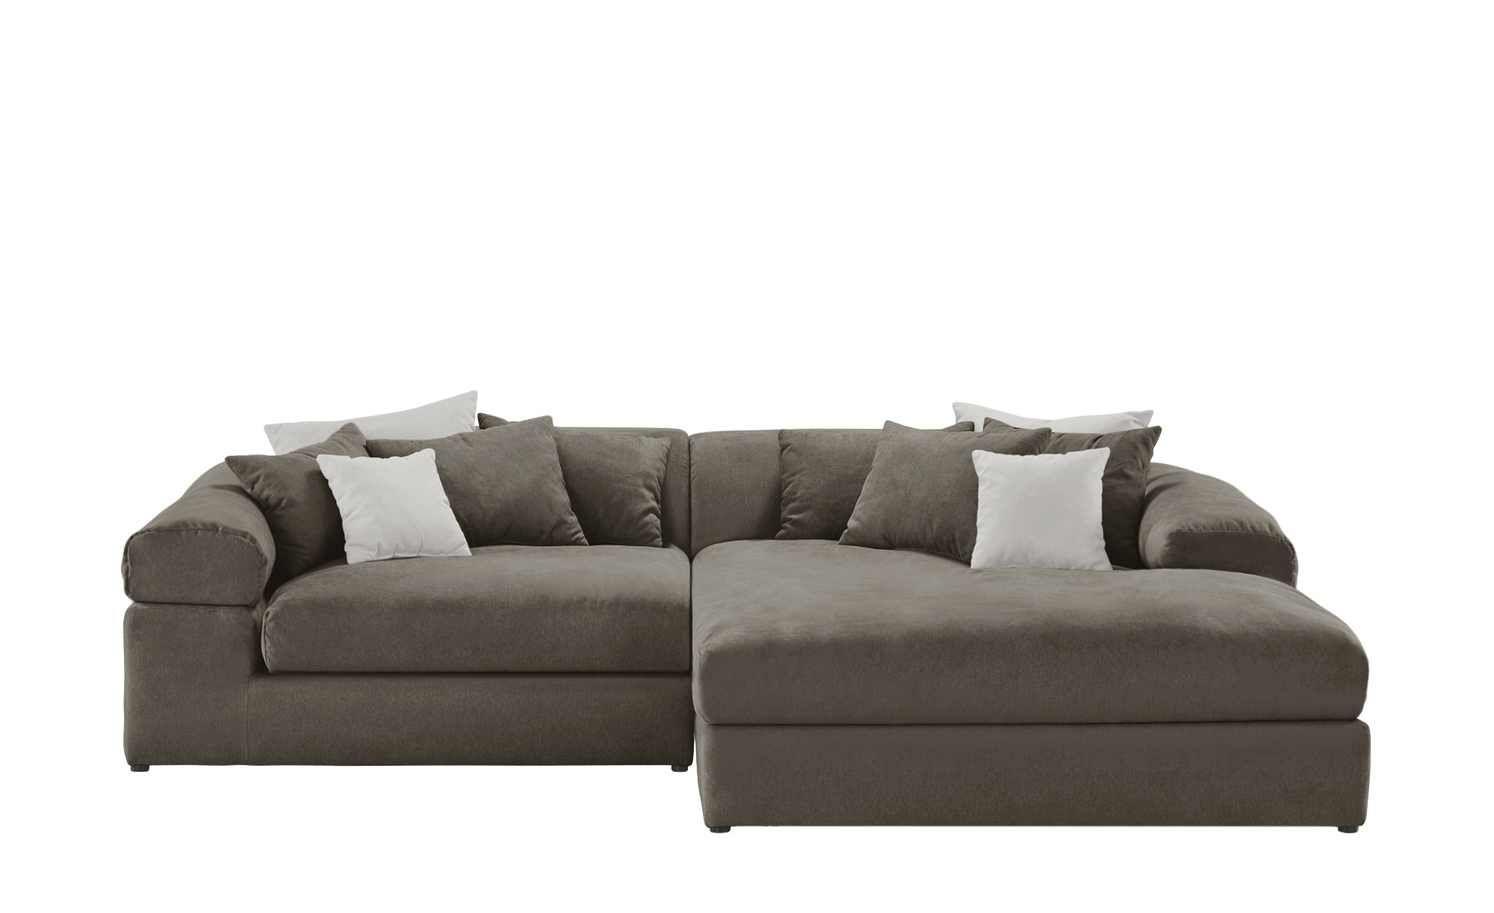 Brilliant Sofa Poco Domane In 2020 Big Sofas Modern Couch Couch